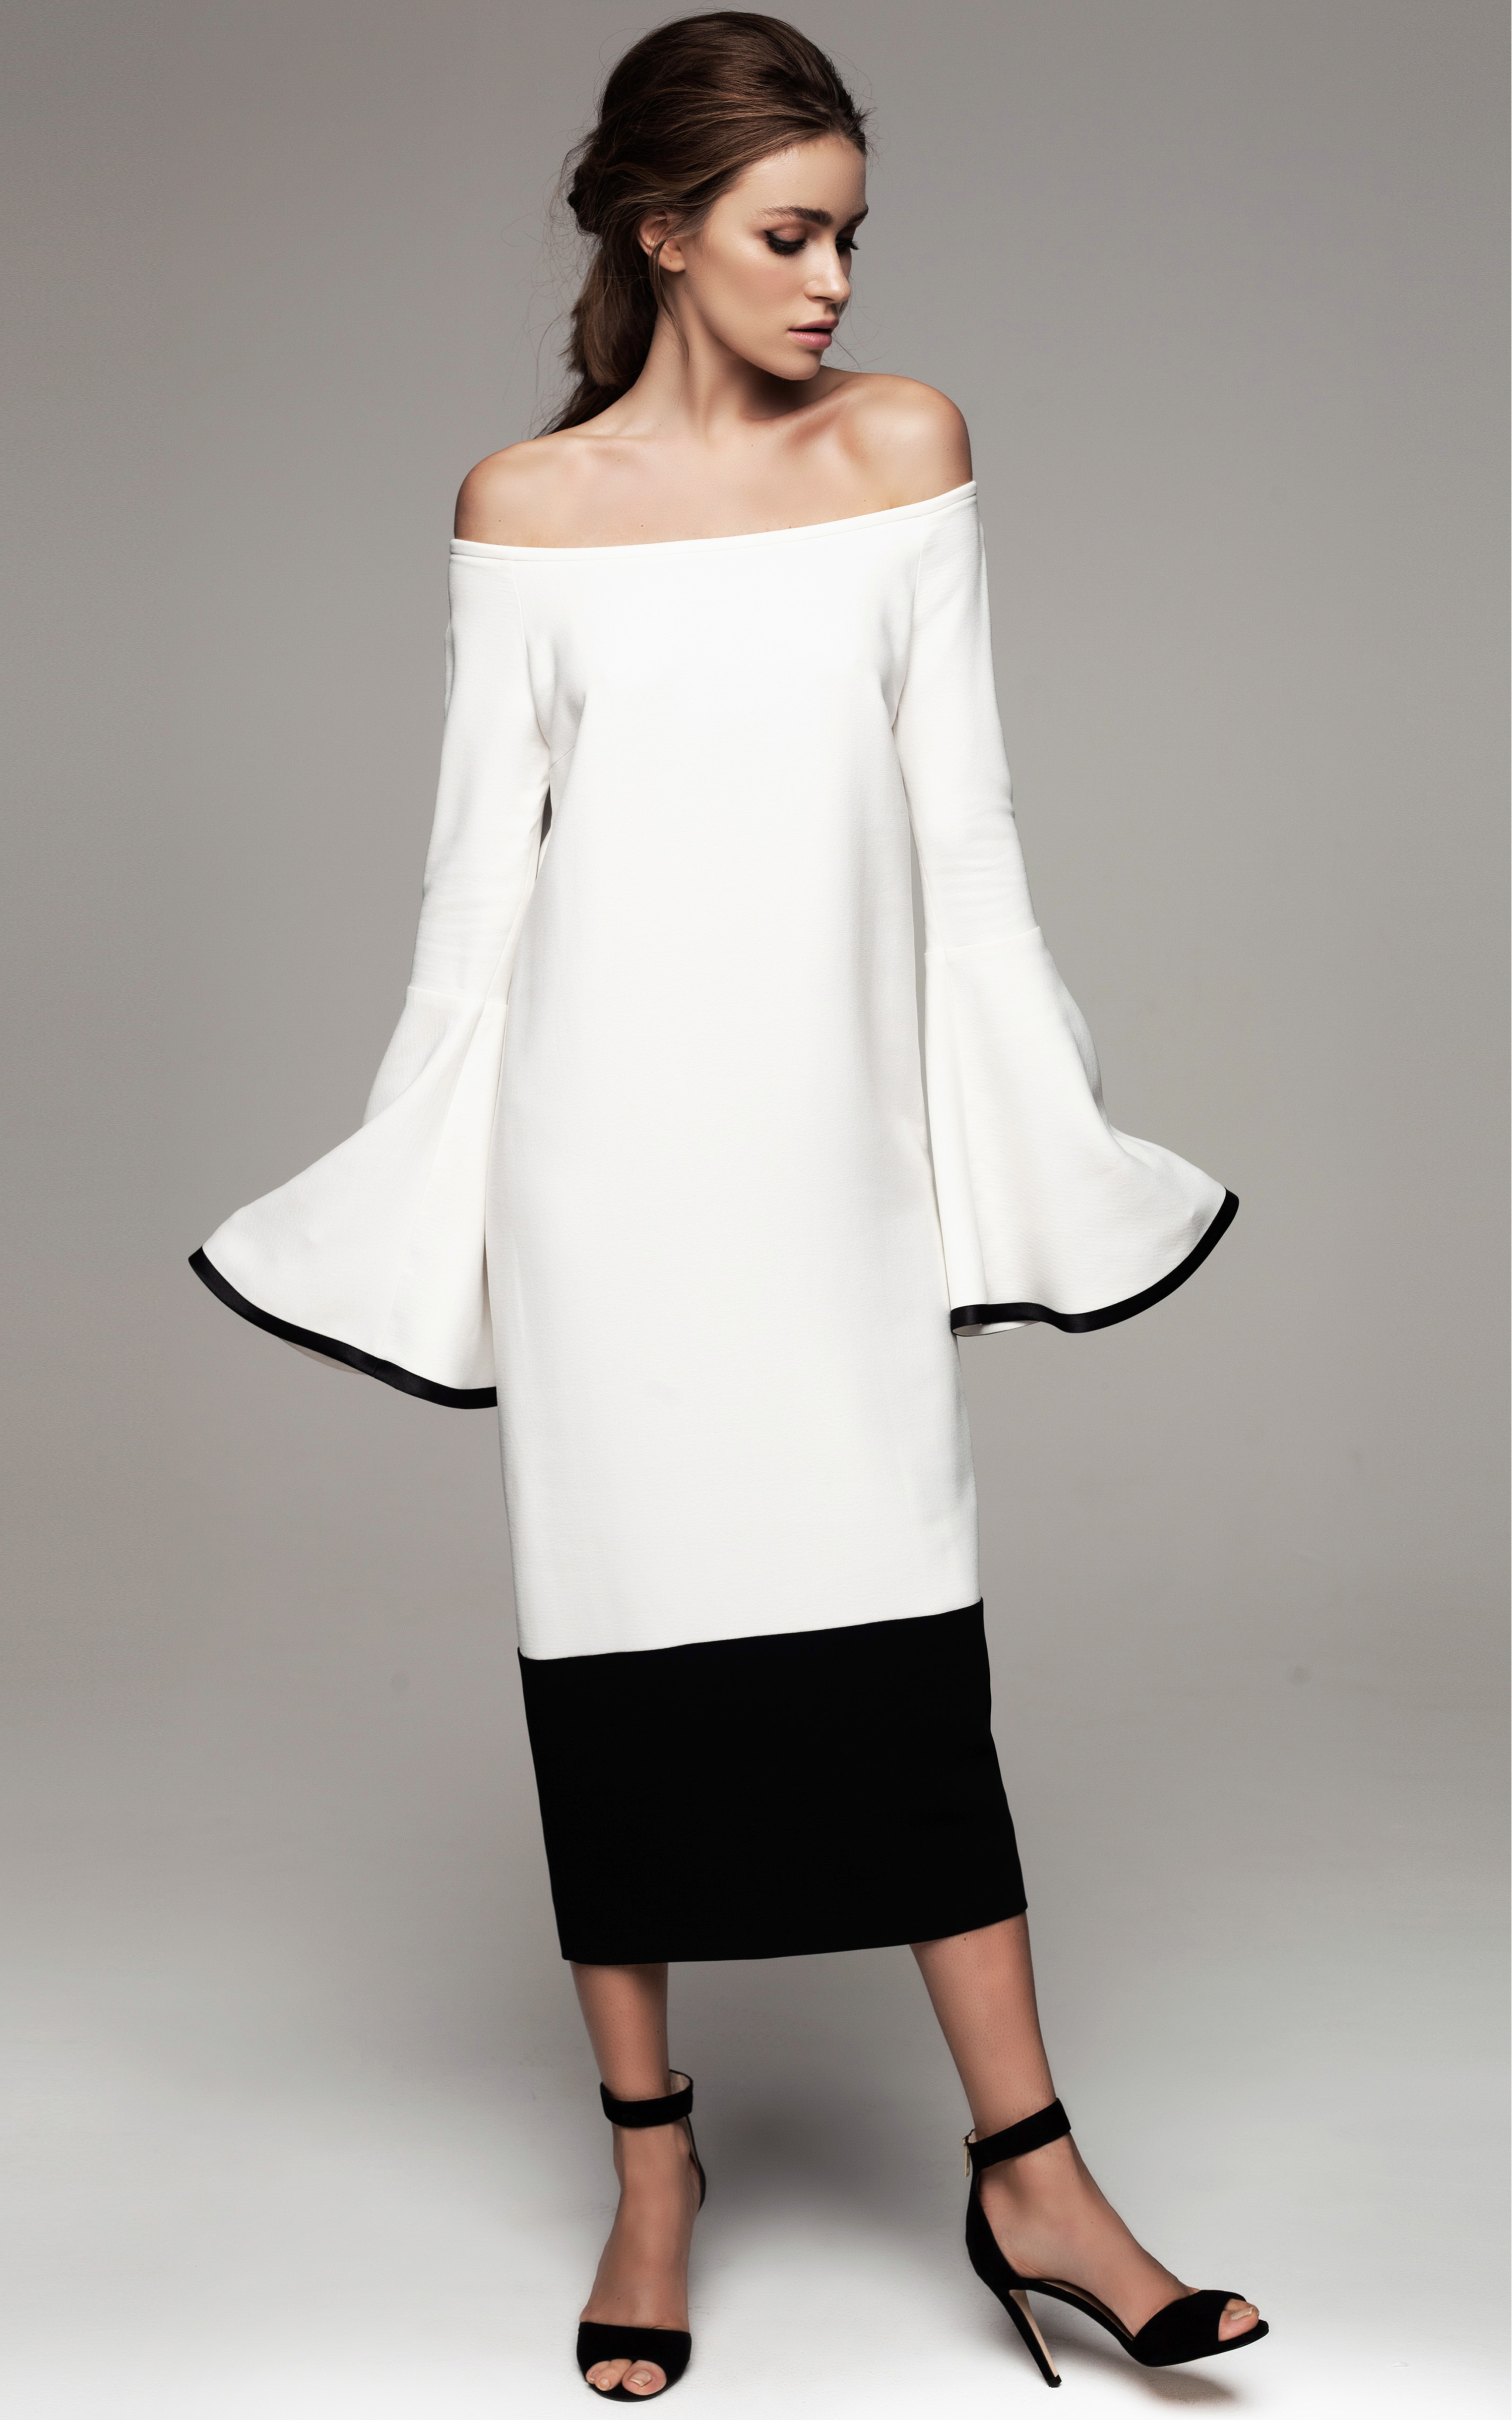 Lyst Kalmanovich Color Block Black And White